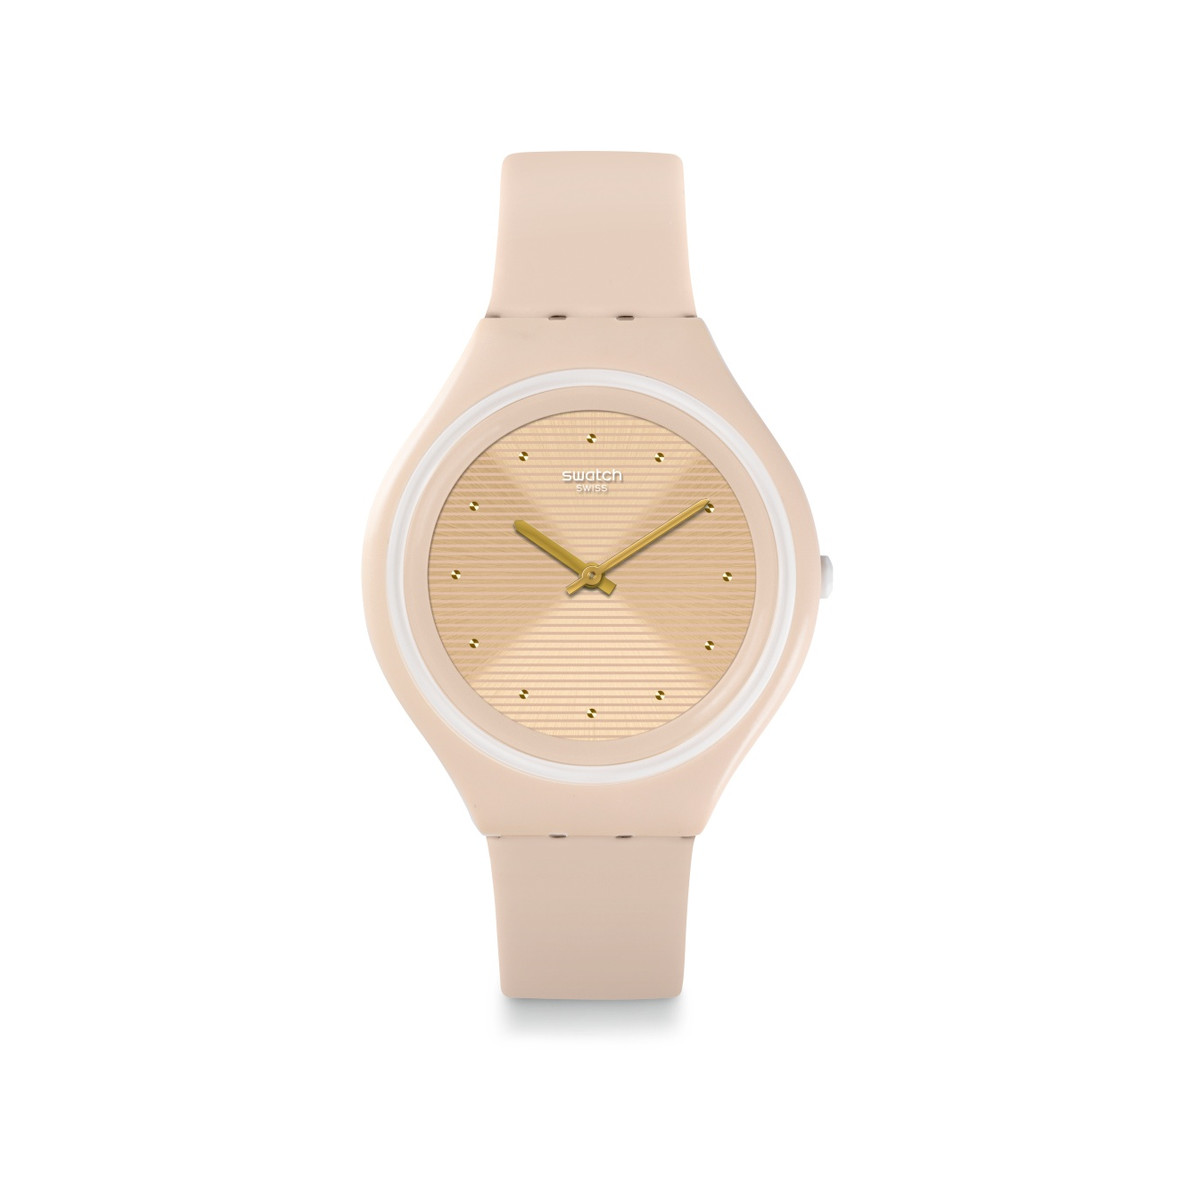 montre swatch femme plastique